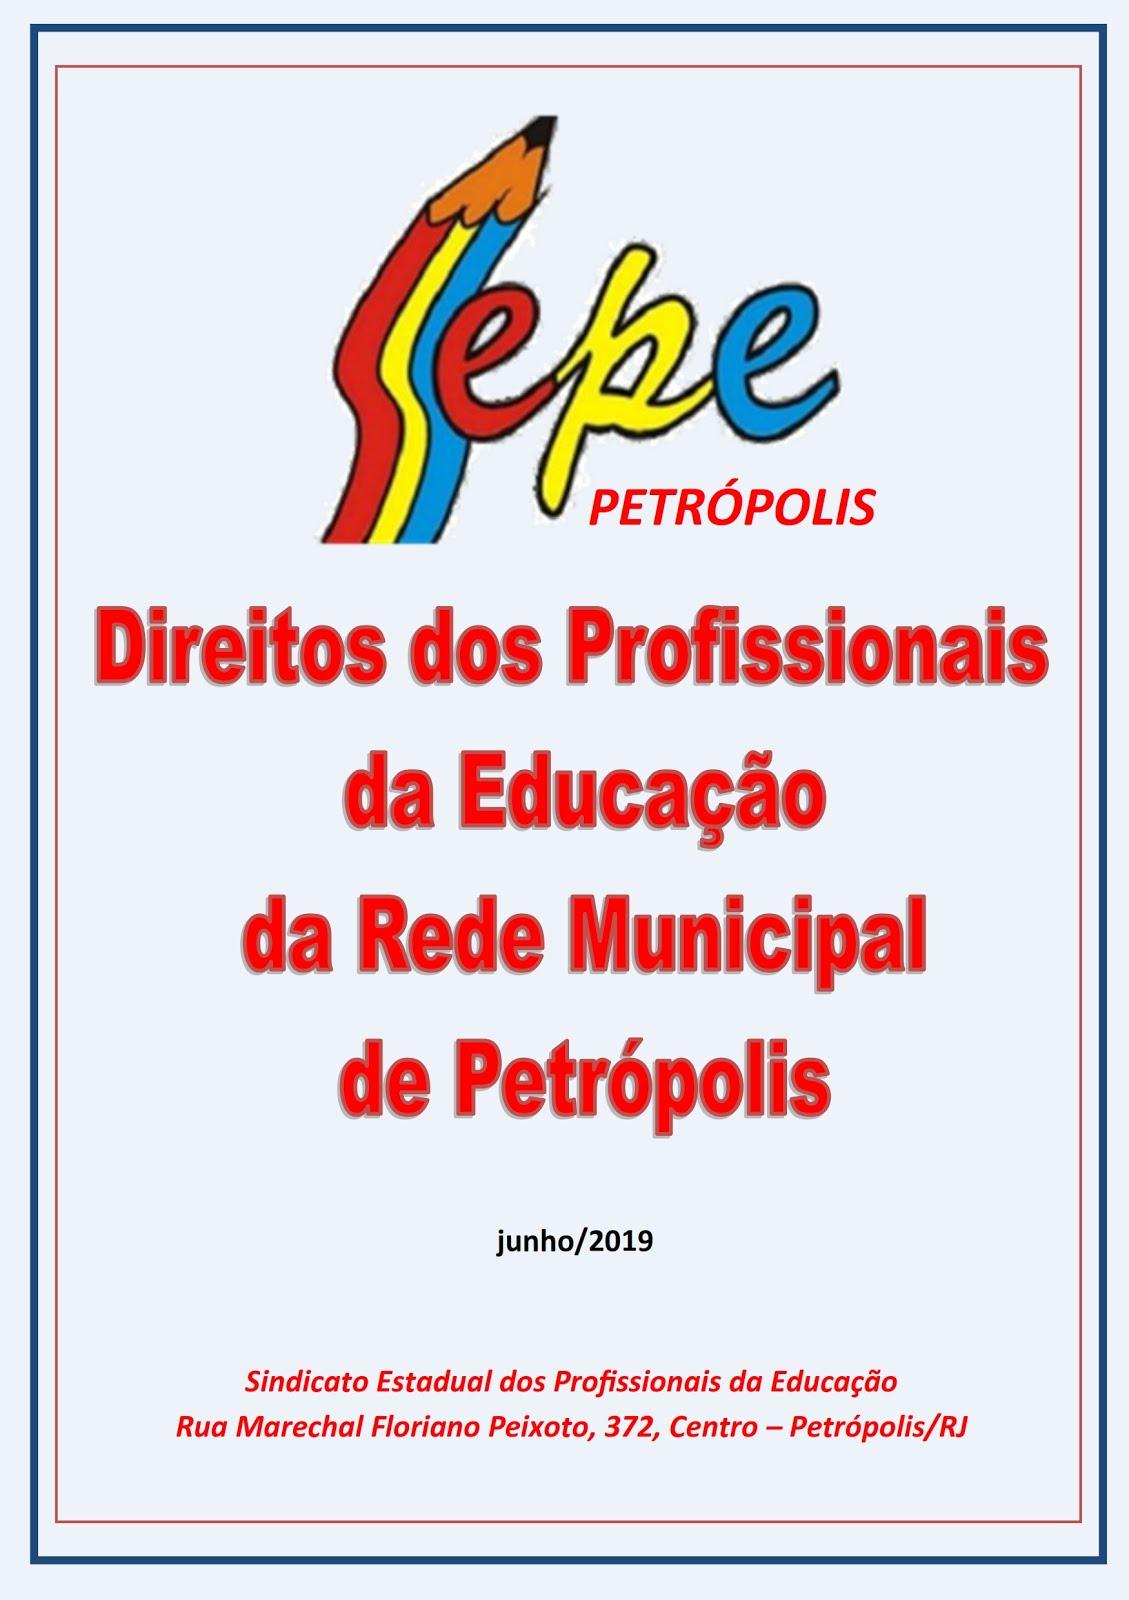 CARTILHA DOS DIREITOS DOS PROFISSIONIAS DA EDUCAÇÃO